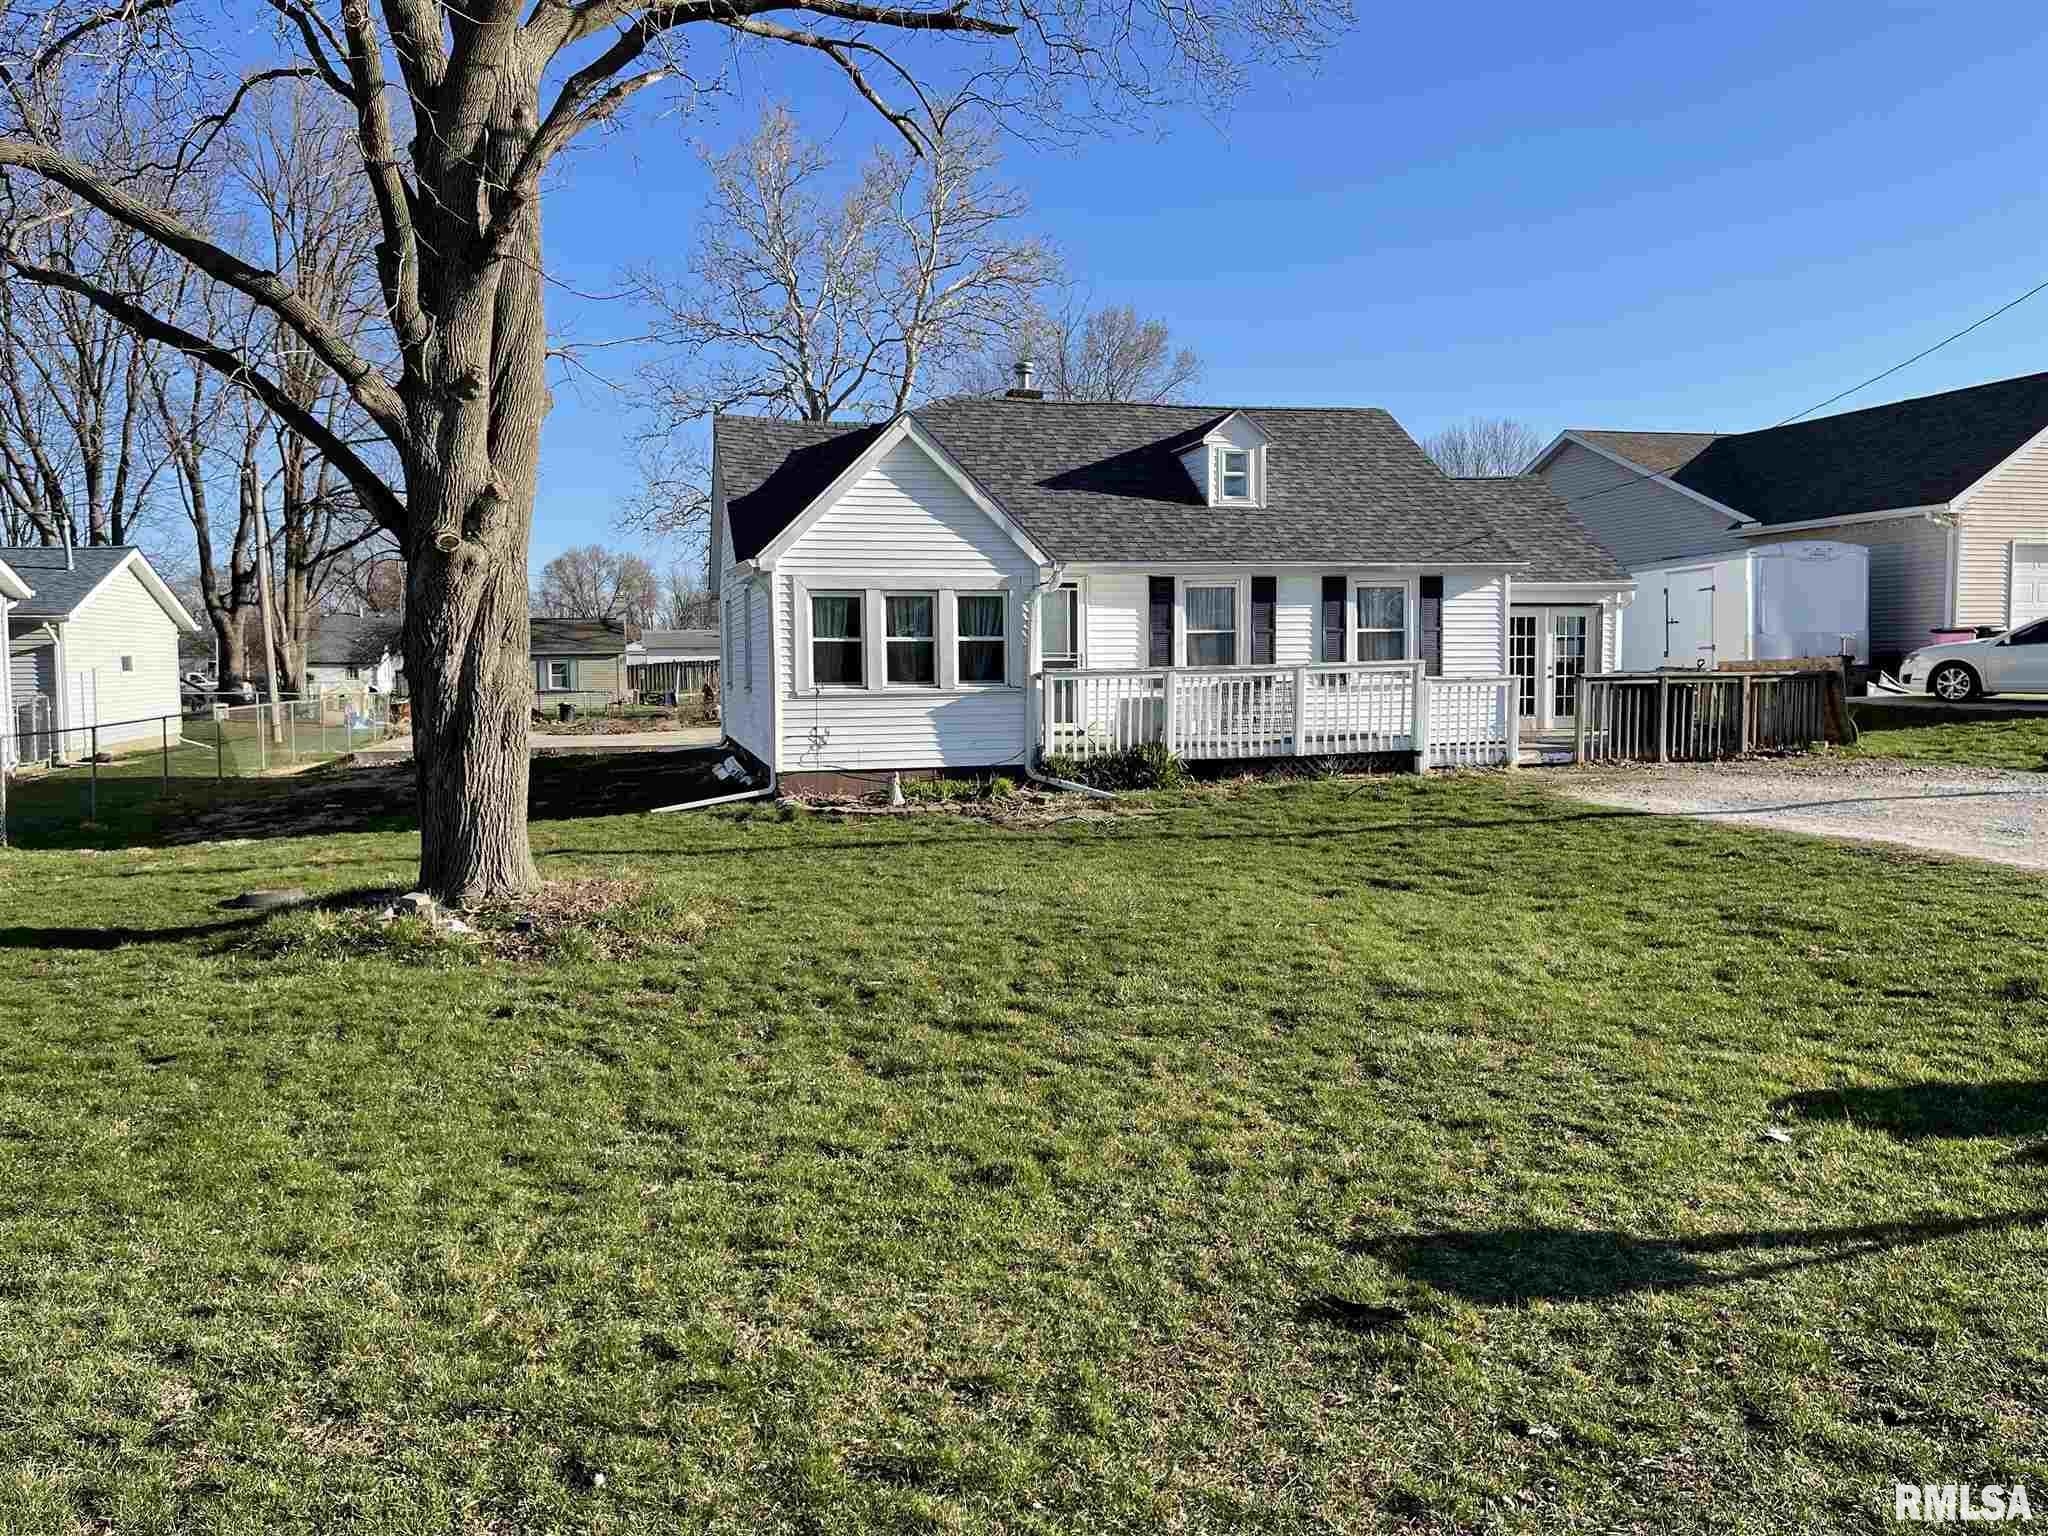 305 5TH Property Photo - Colona, IL real estate listing